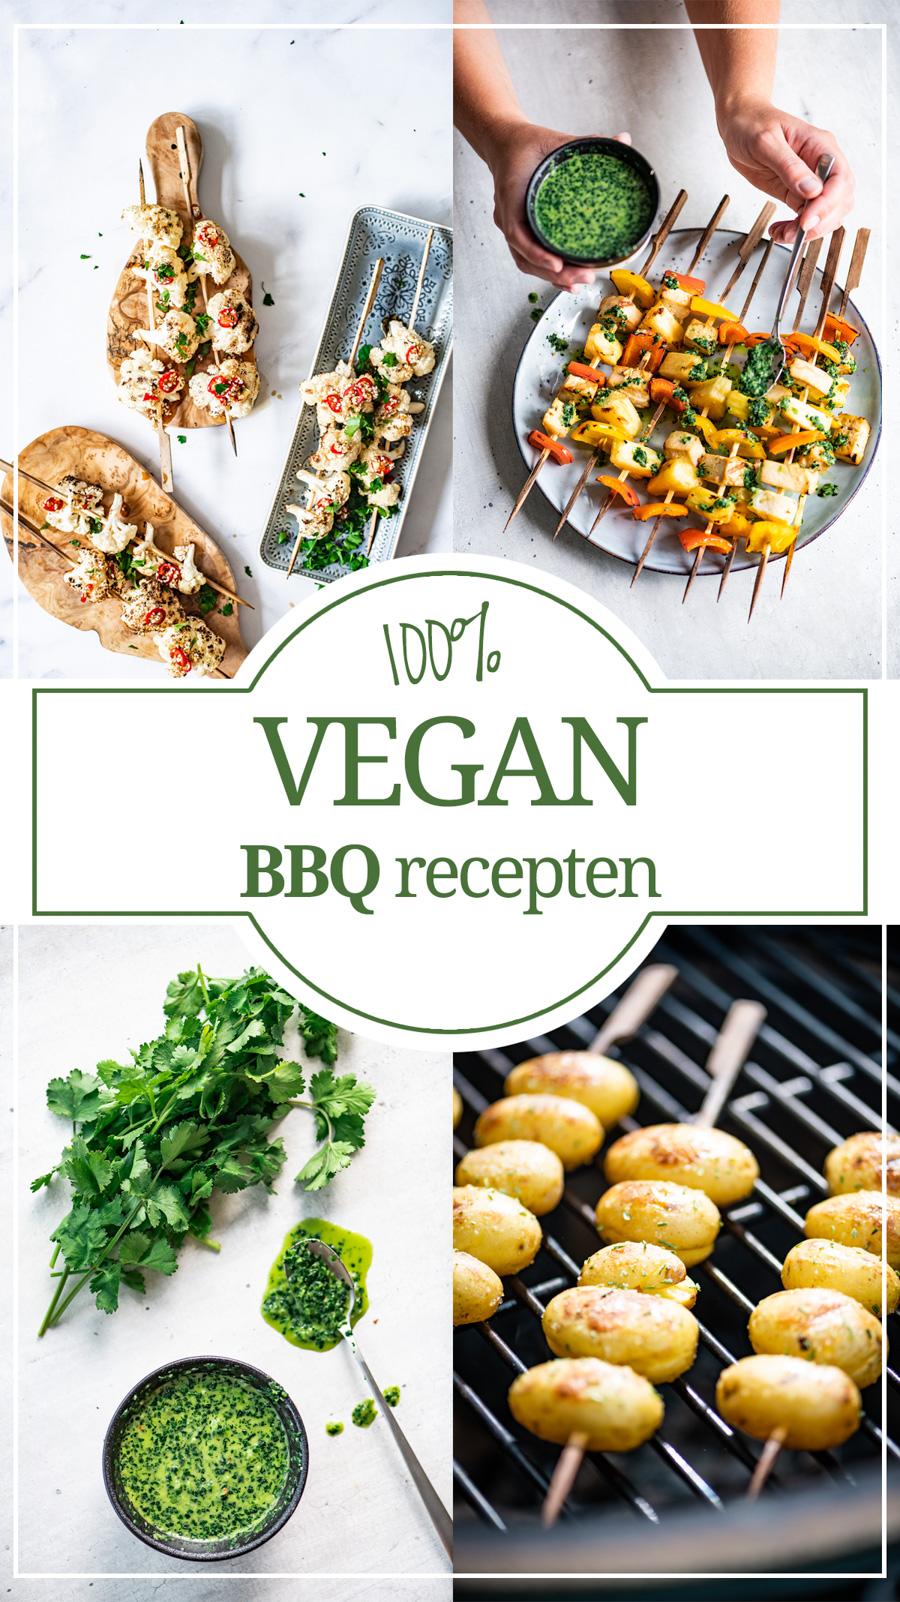 Vegan BBQ recepten